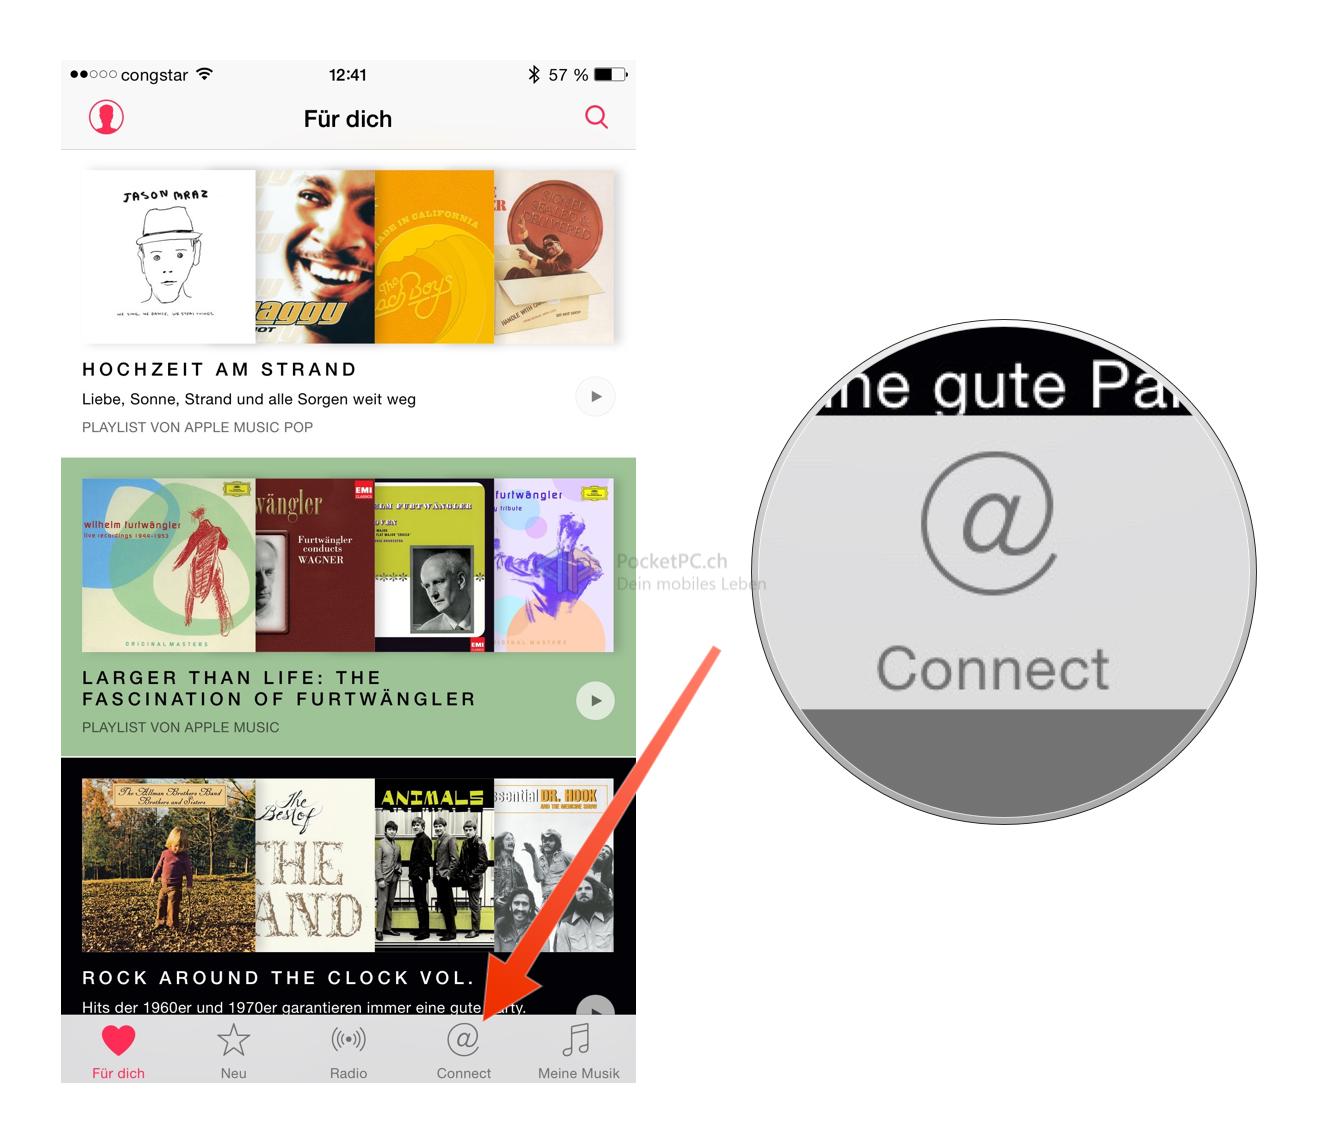 Tutorial: Schnellzugriff auf die Playlisten in Apple Music auf einem iOS-Device-bild-5.png